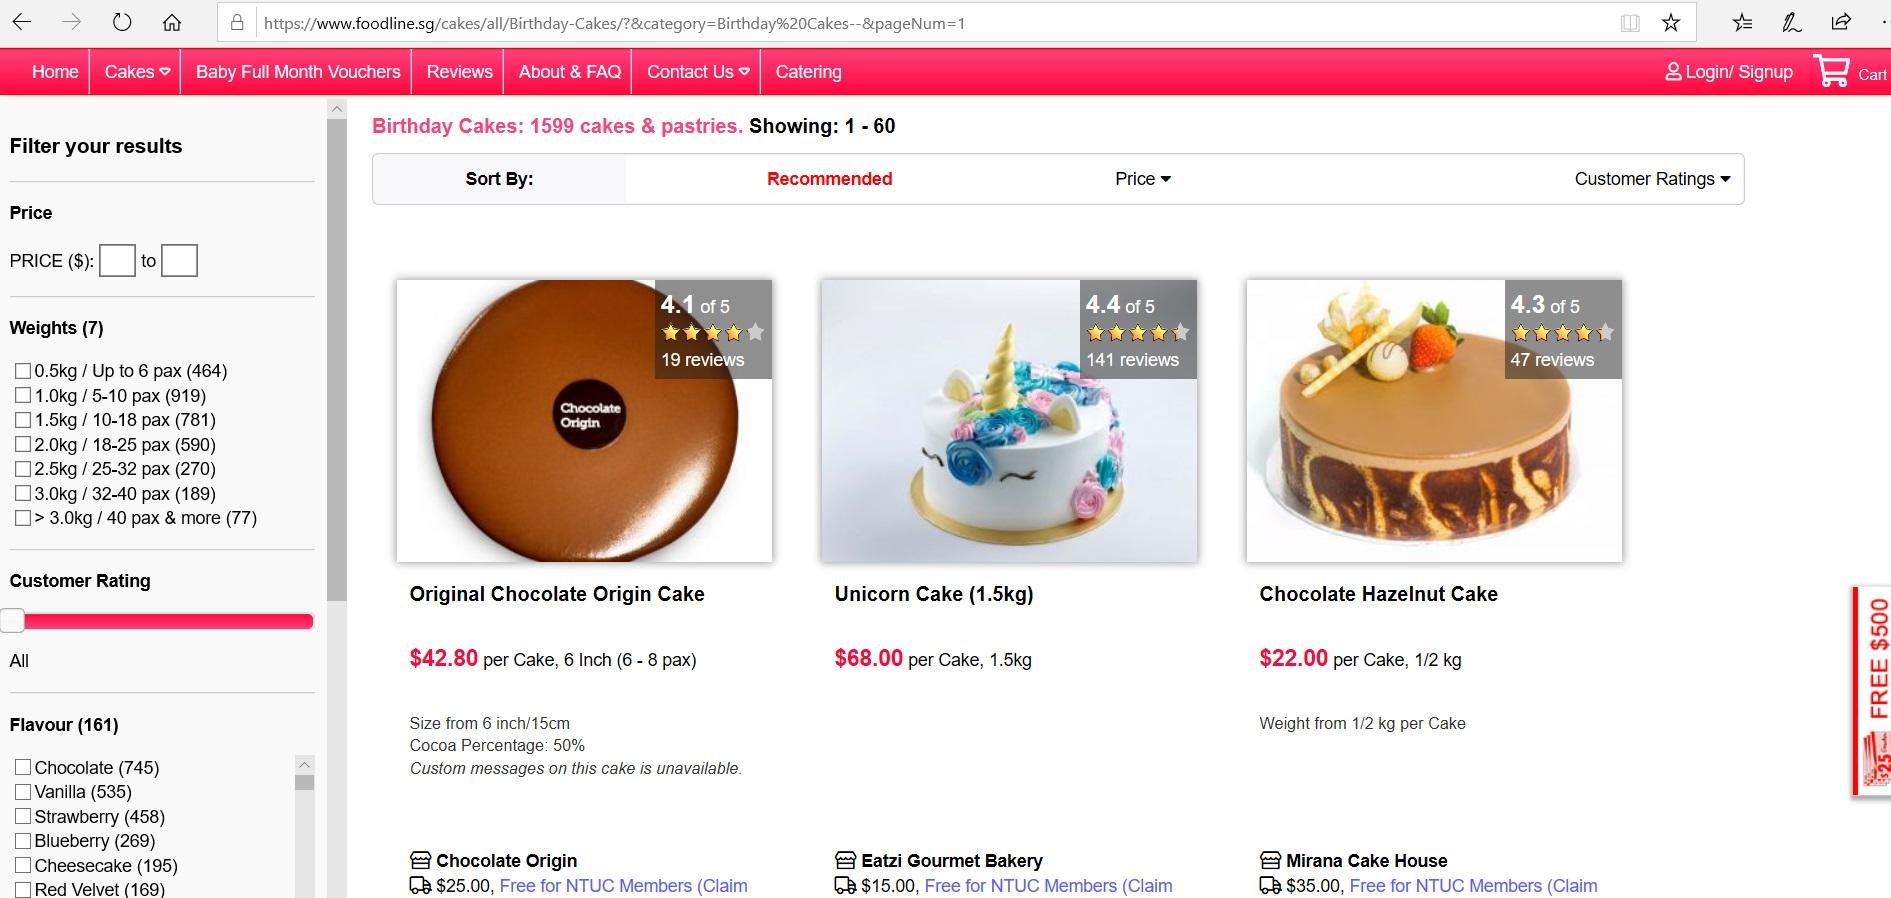 Catalogue of birthday cakes.